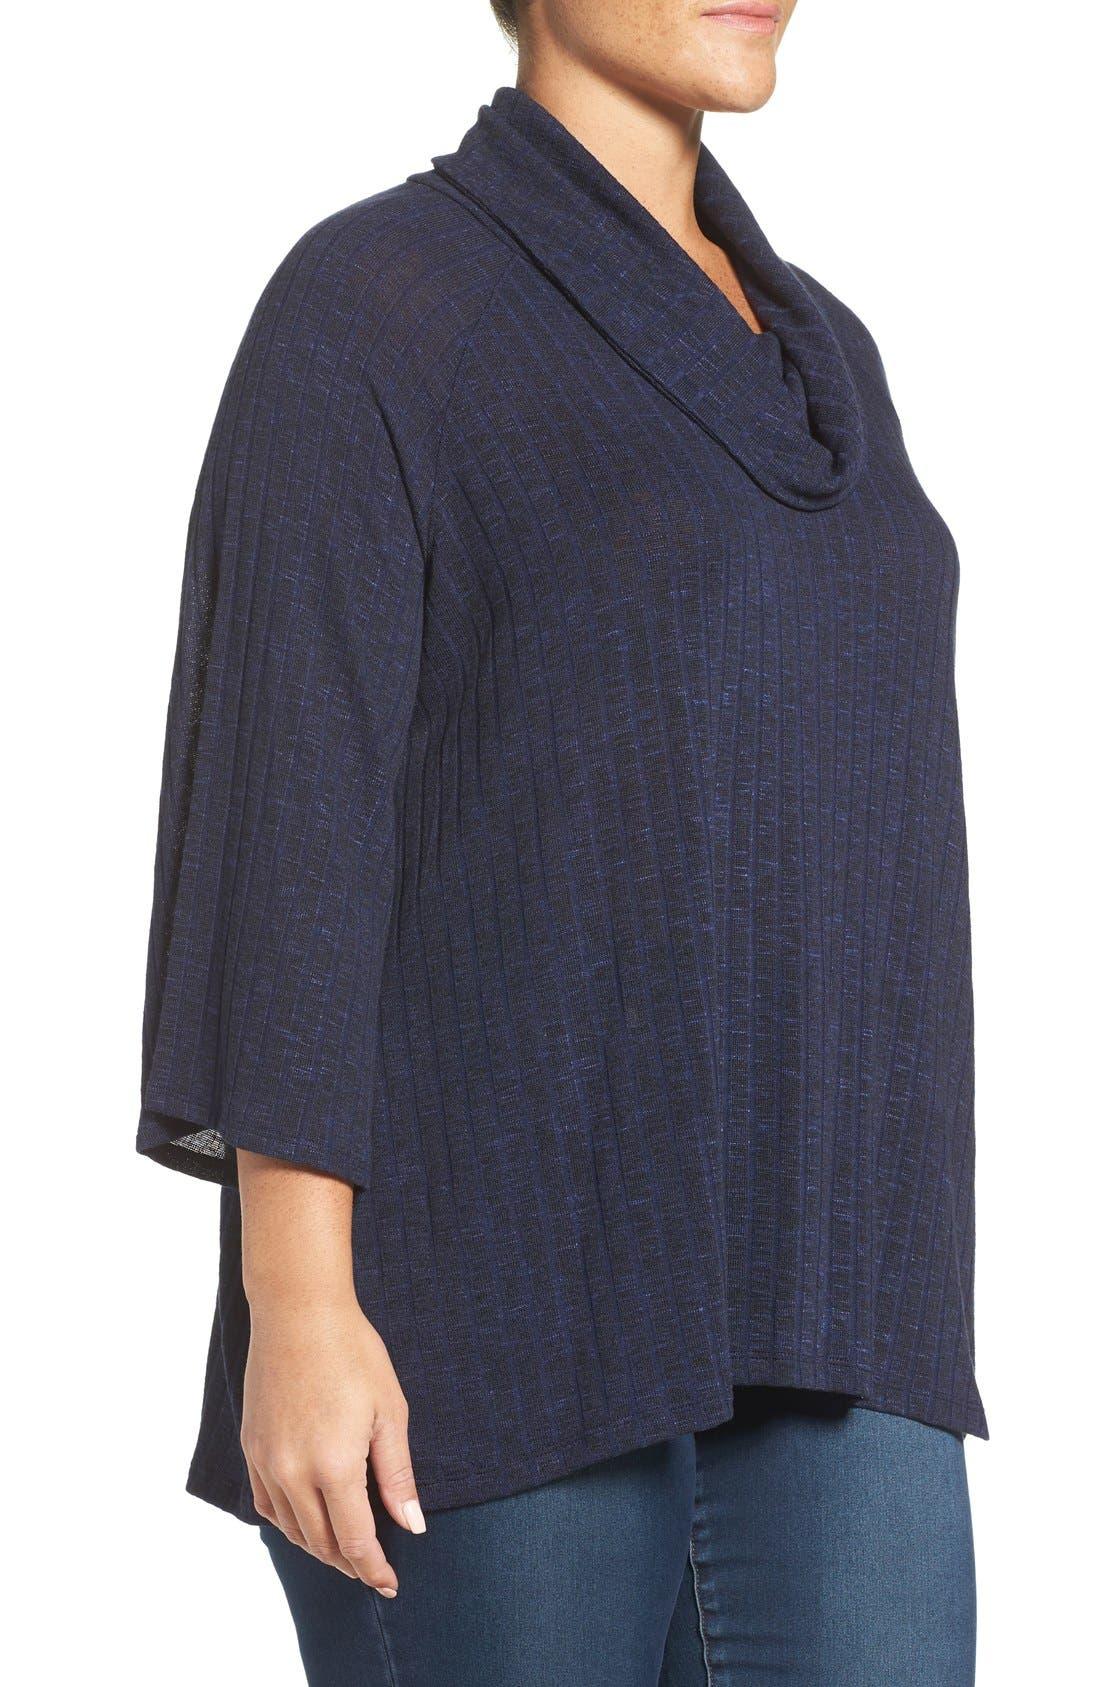 Alternate Image 3  - Sejour Cowl Neck Top (Plus Size)